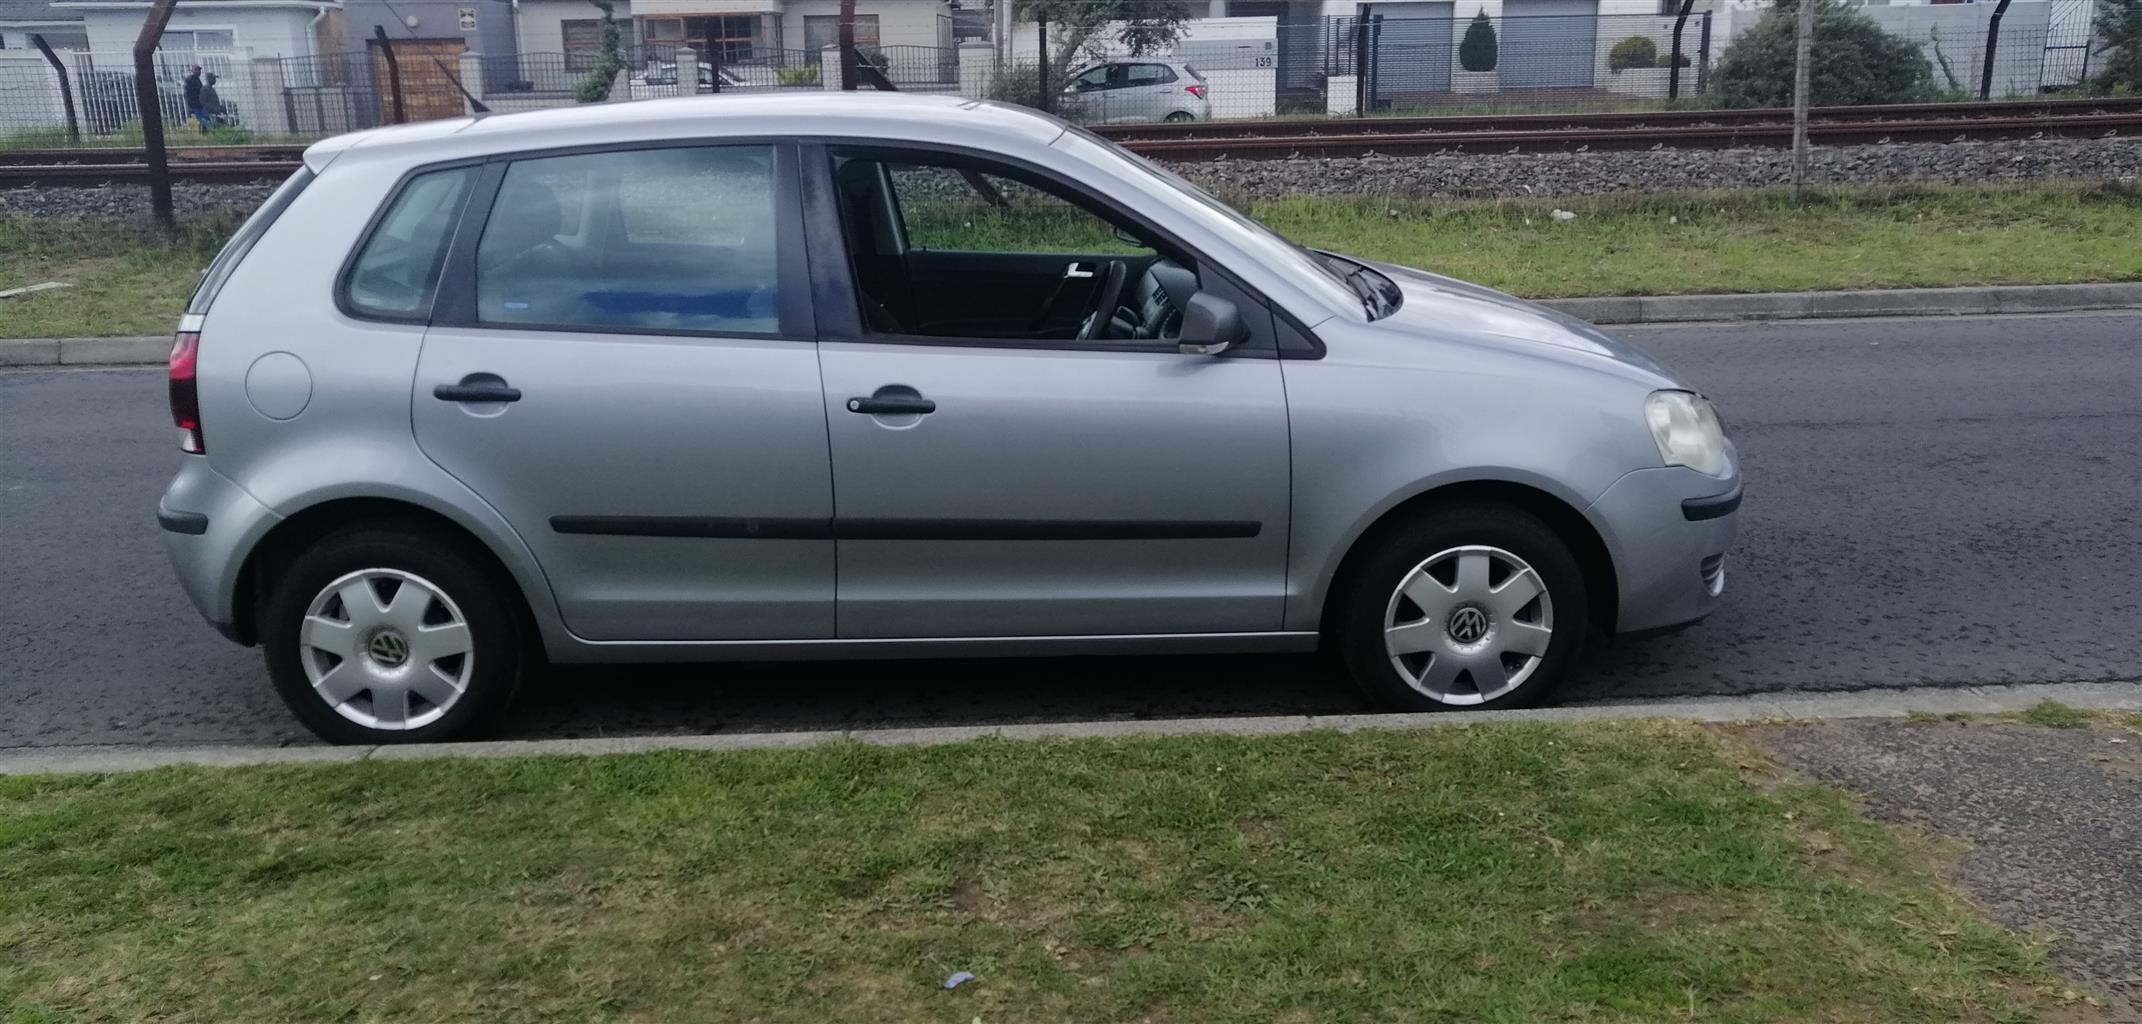 2007 VW Polo hatch 1.4TDI Trendline